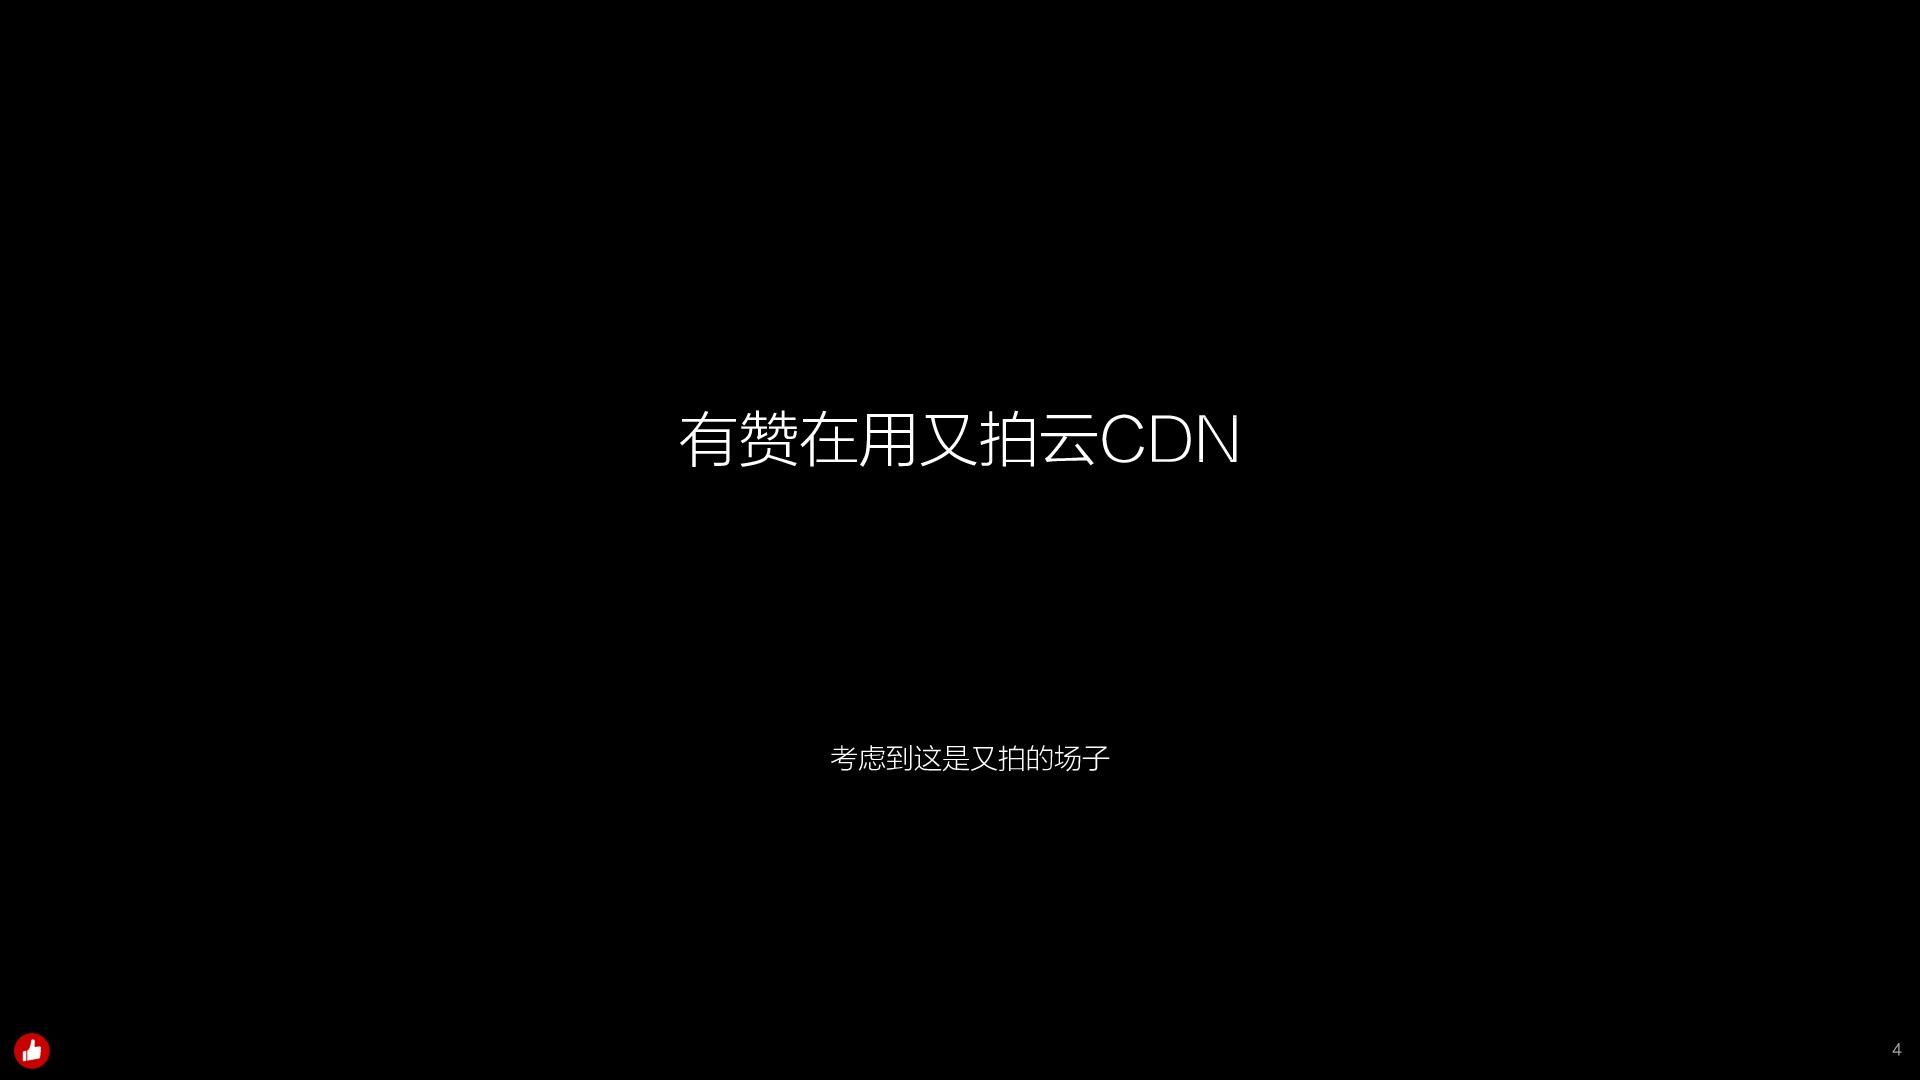 https://opentalk-blog.b0.upaiyun.com/prod/2018-11-26/36ada818aa6899361036c26a3da3a44d